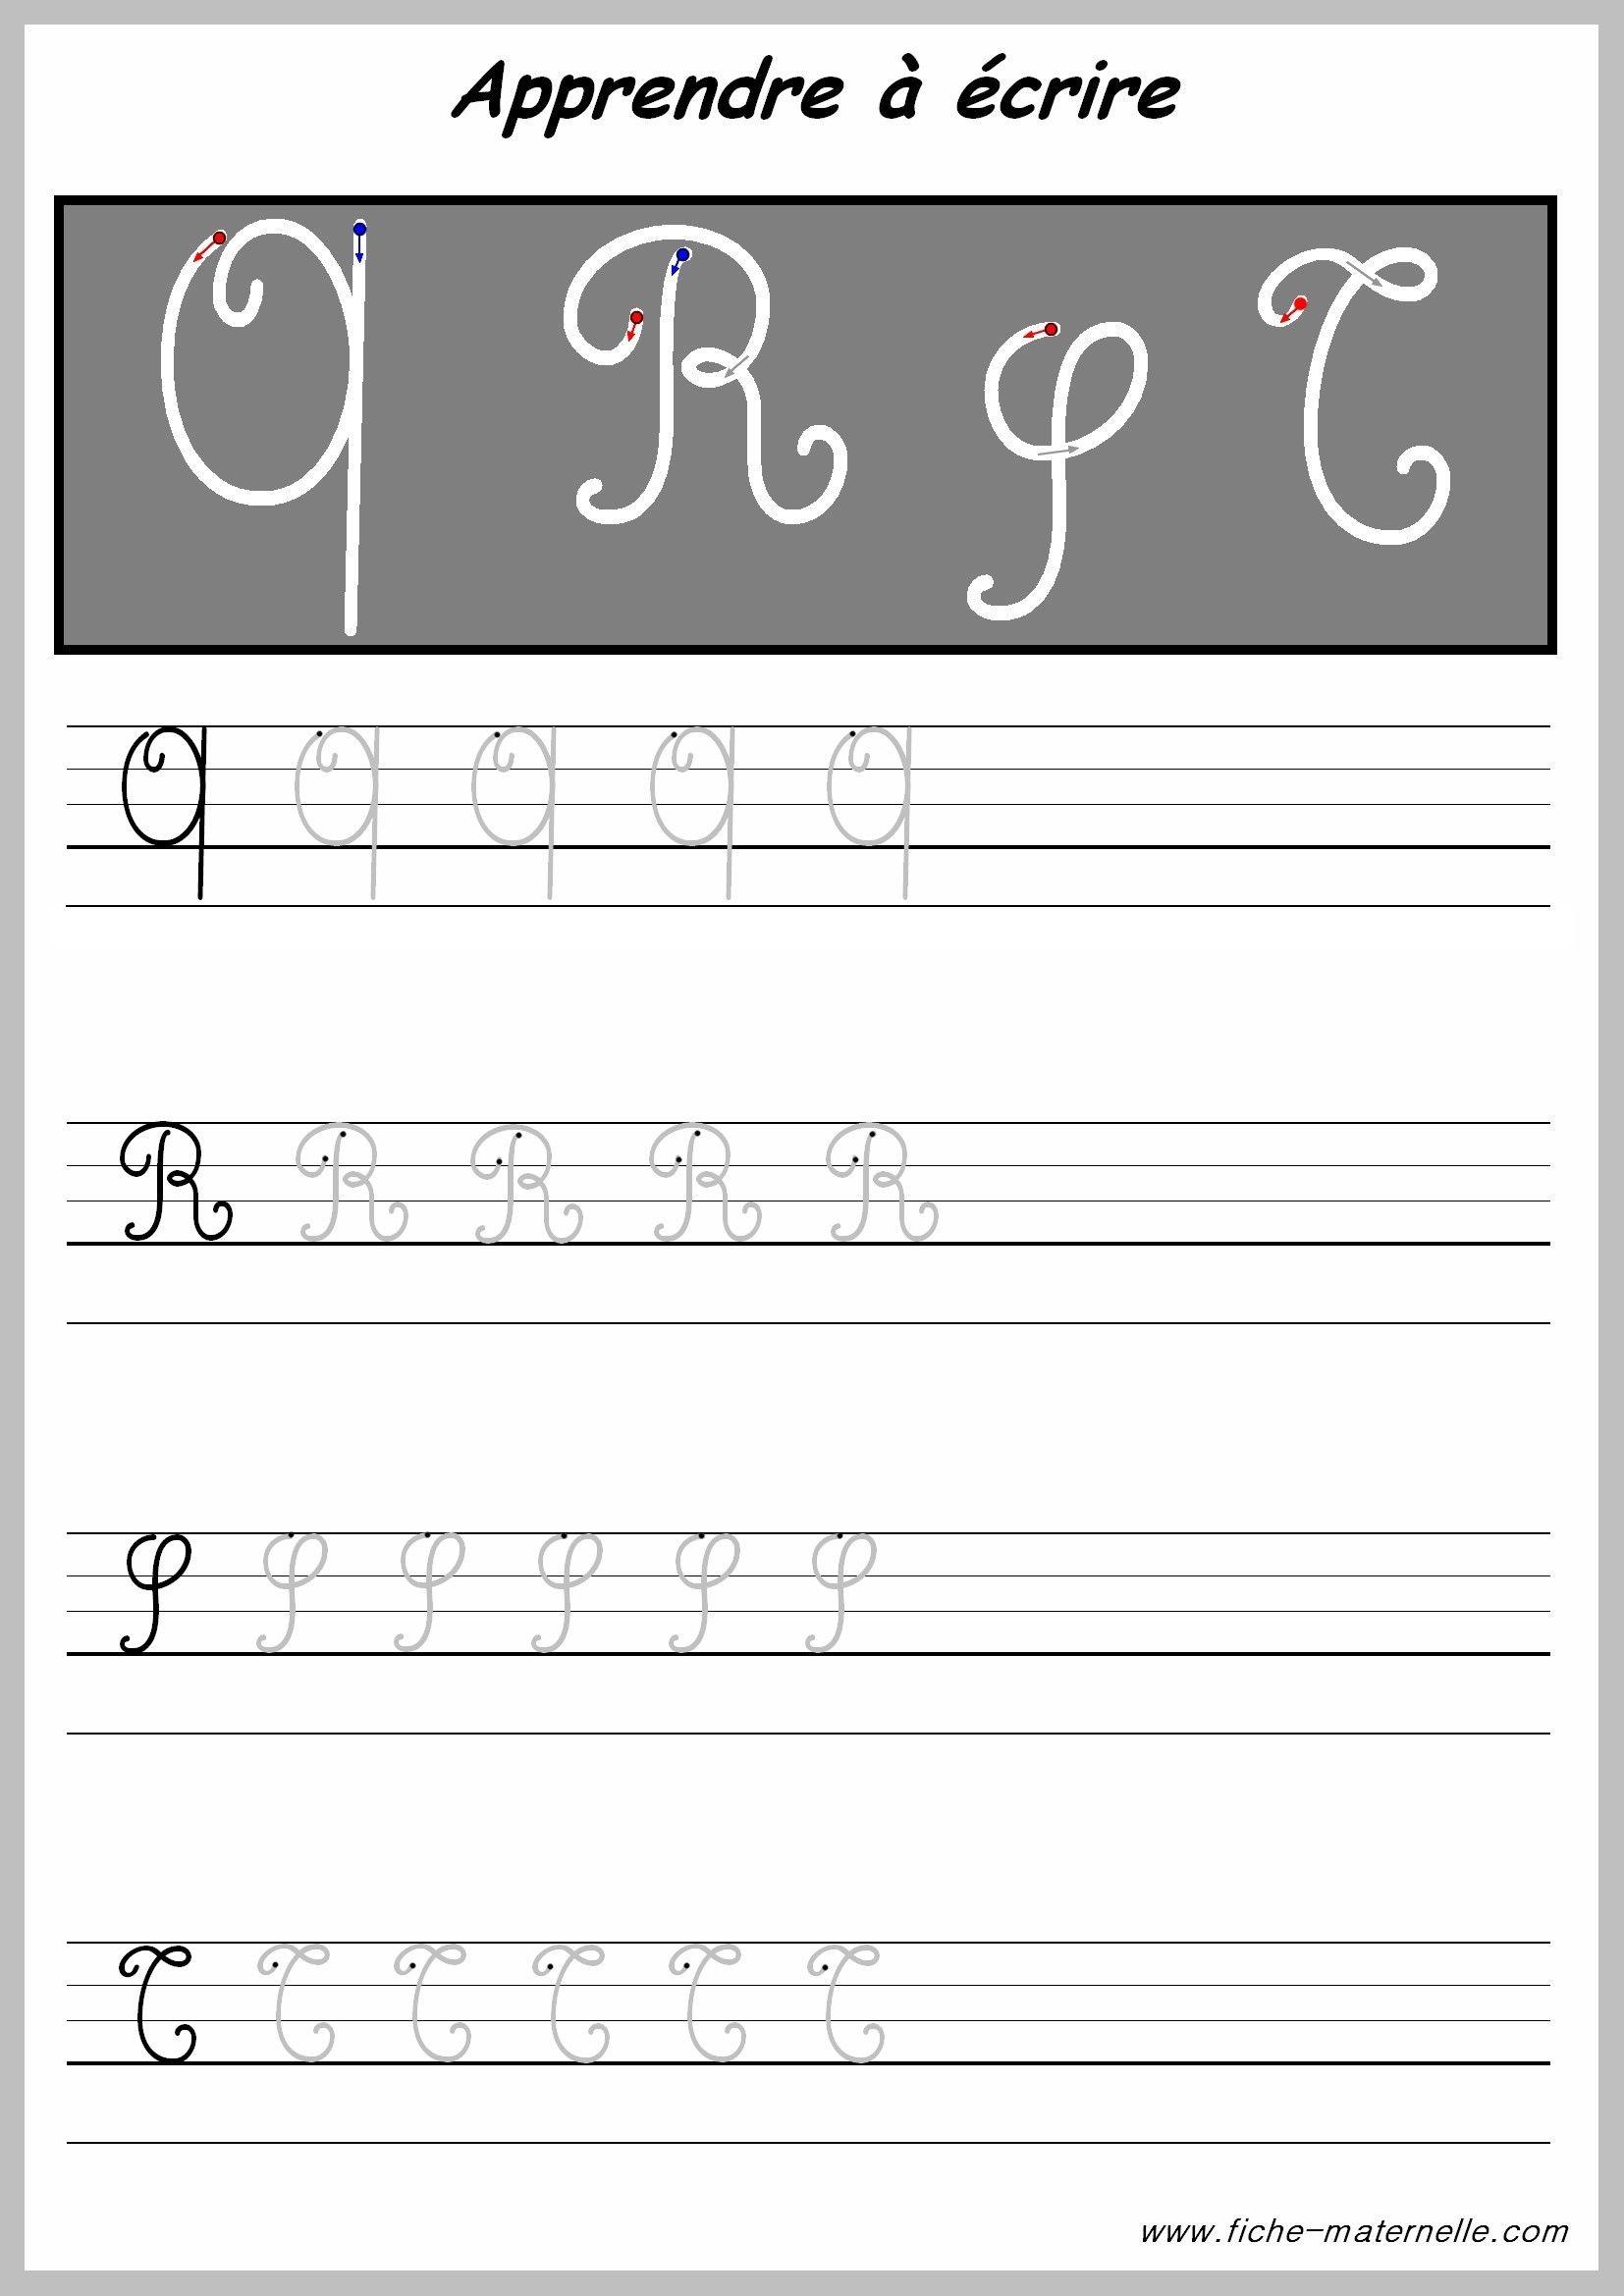 Exercices pour crire les lettres majuscules learn - Lettre alphabet majuscule ...